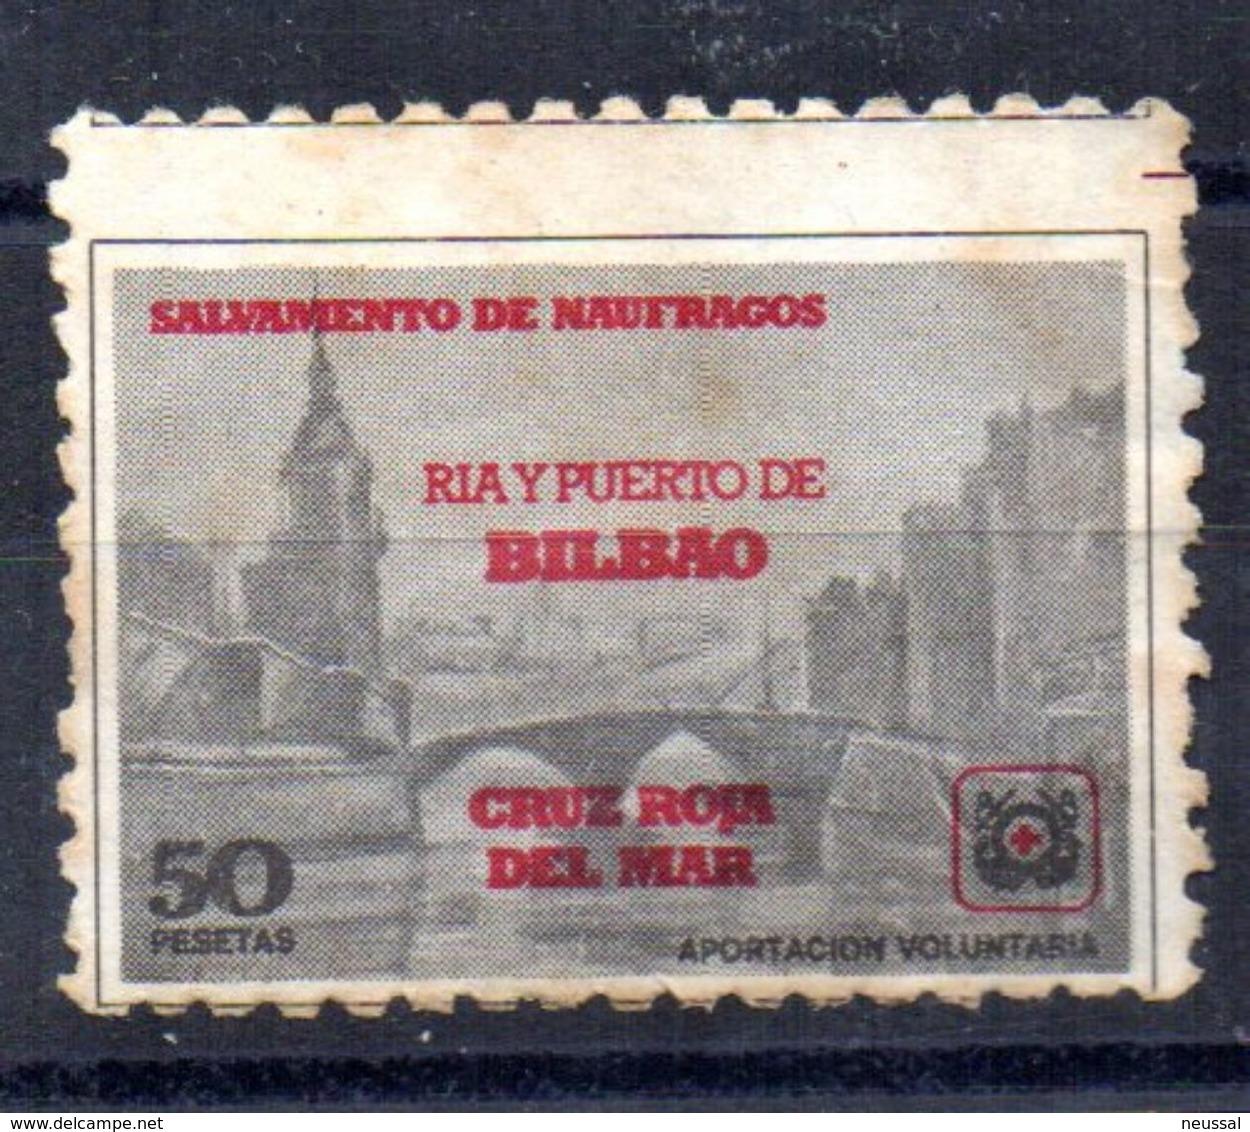 Viñeta Salvamento De Naufragos  Cruz Roja Del Mar Bilbao. - Spanien